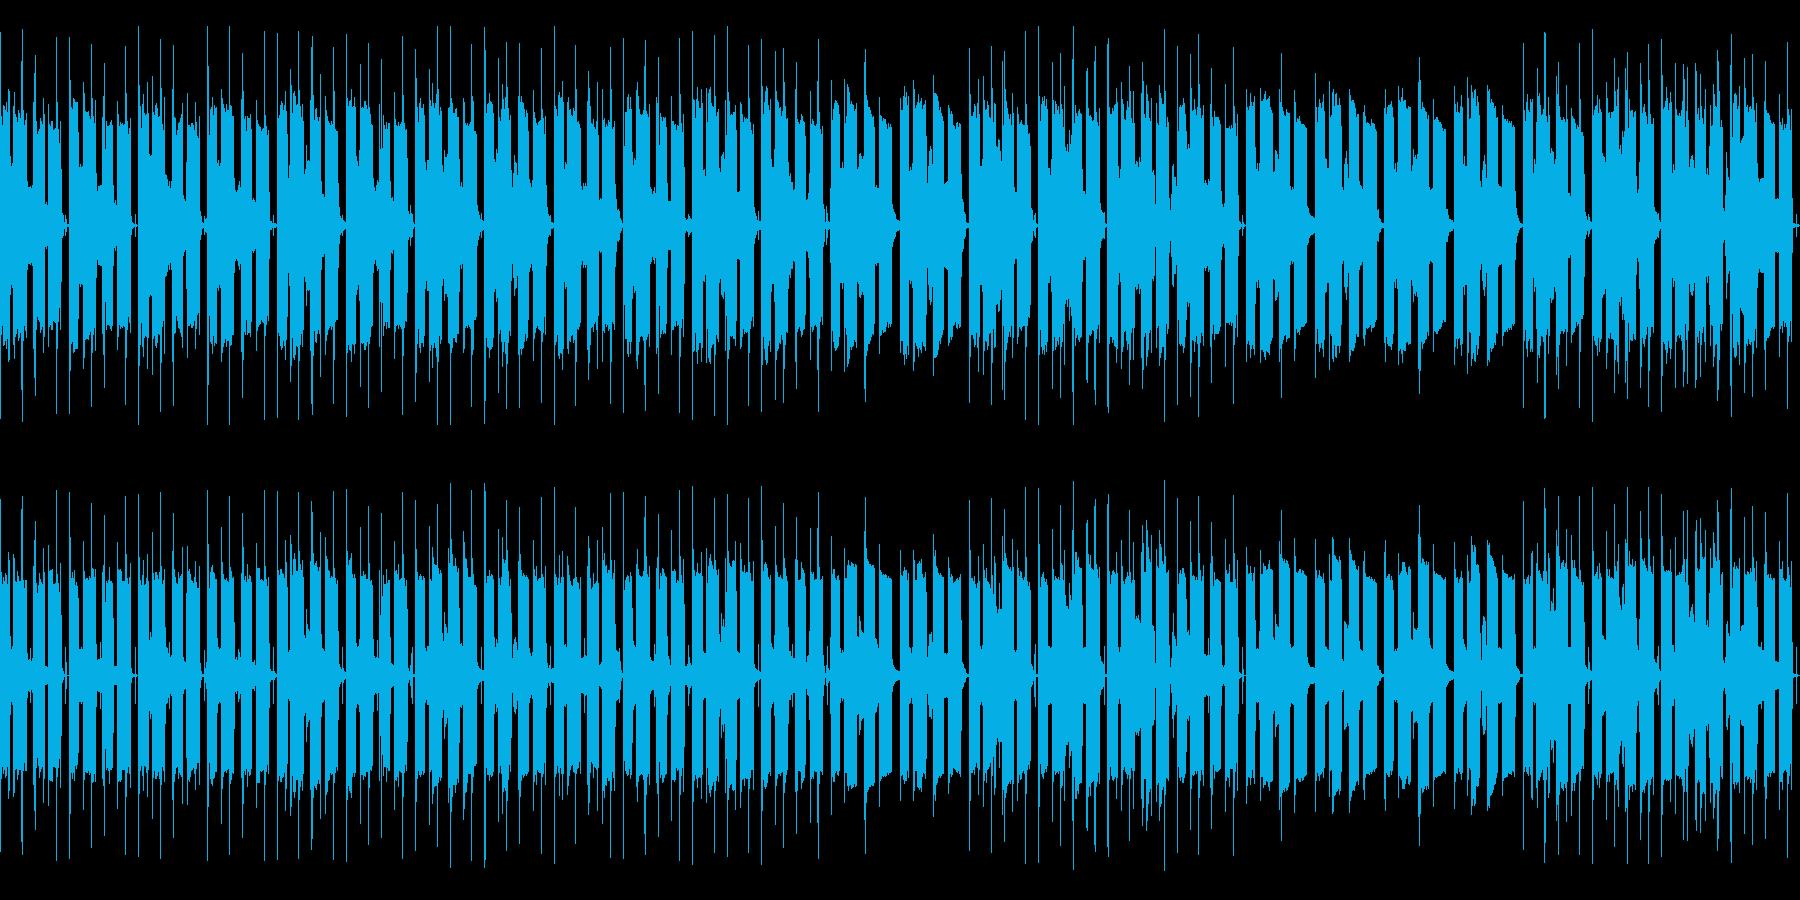 エレピとミュートTpのLo-Fiチルの再生済みの波形